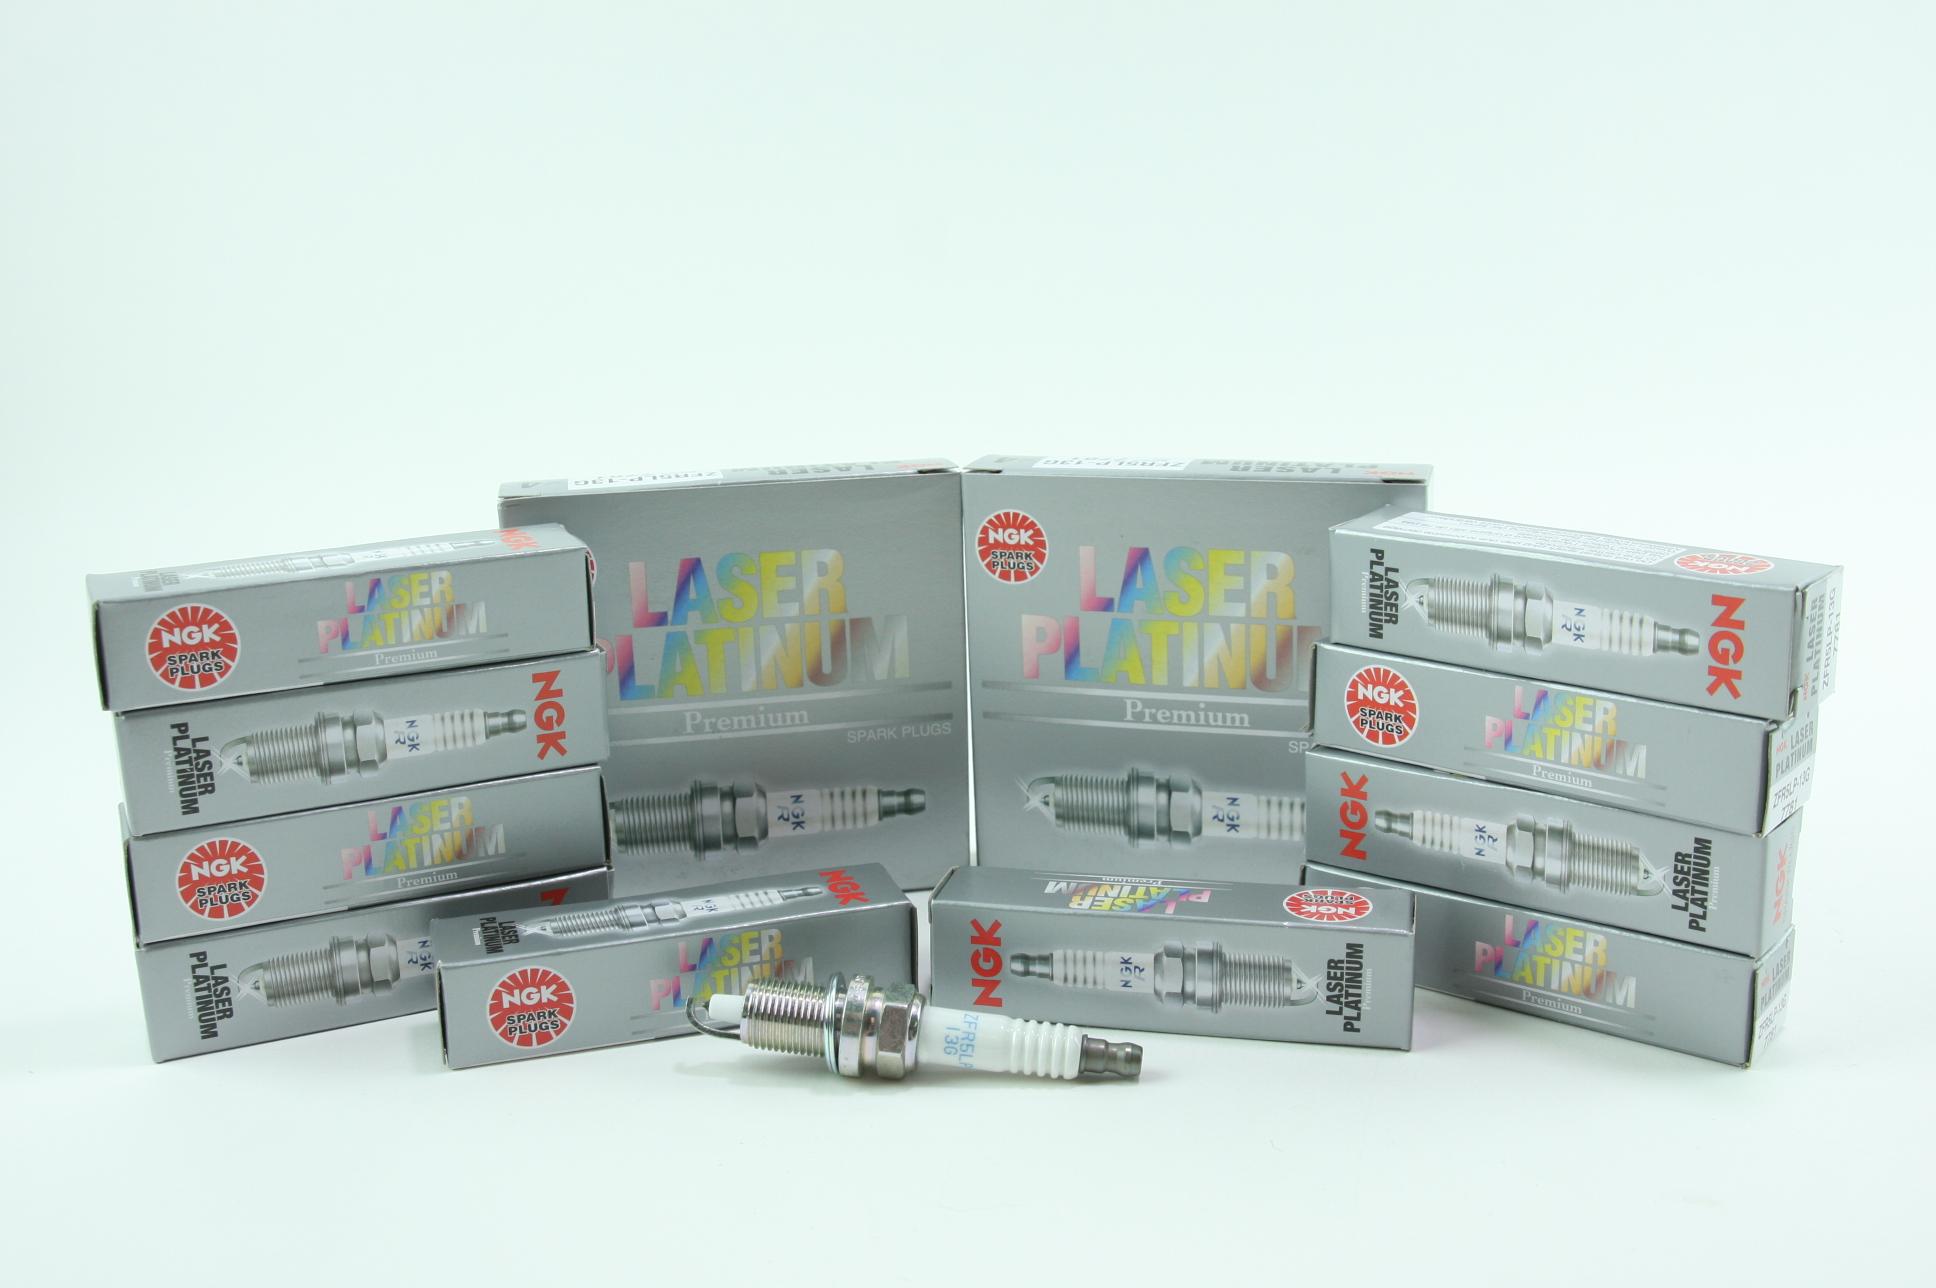 Set of 10 New NGK 7781 Premium Spark Plug Laser Platinum ZFR5LP13G Free Shipping - image 1